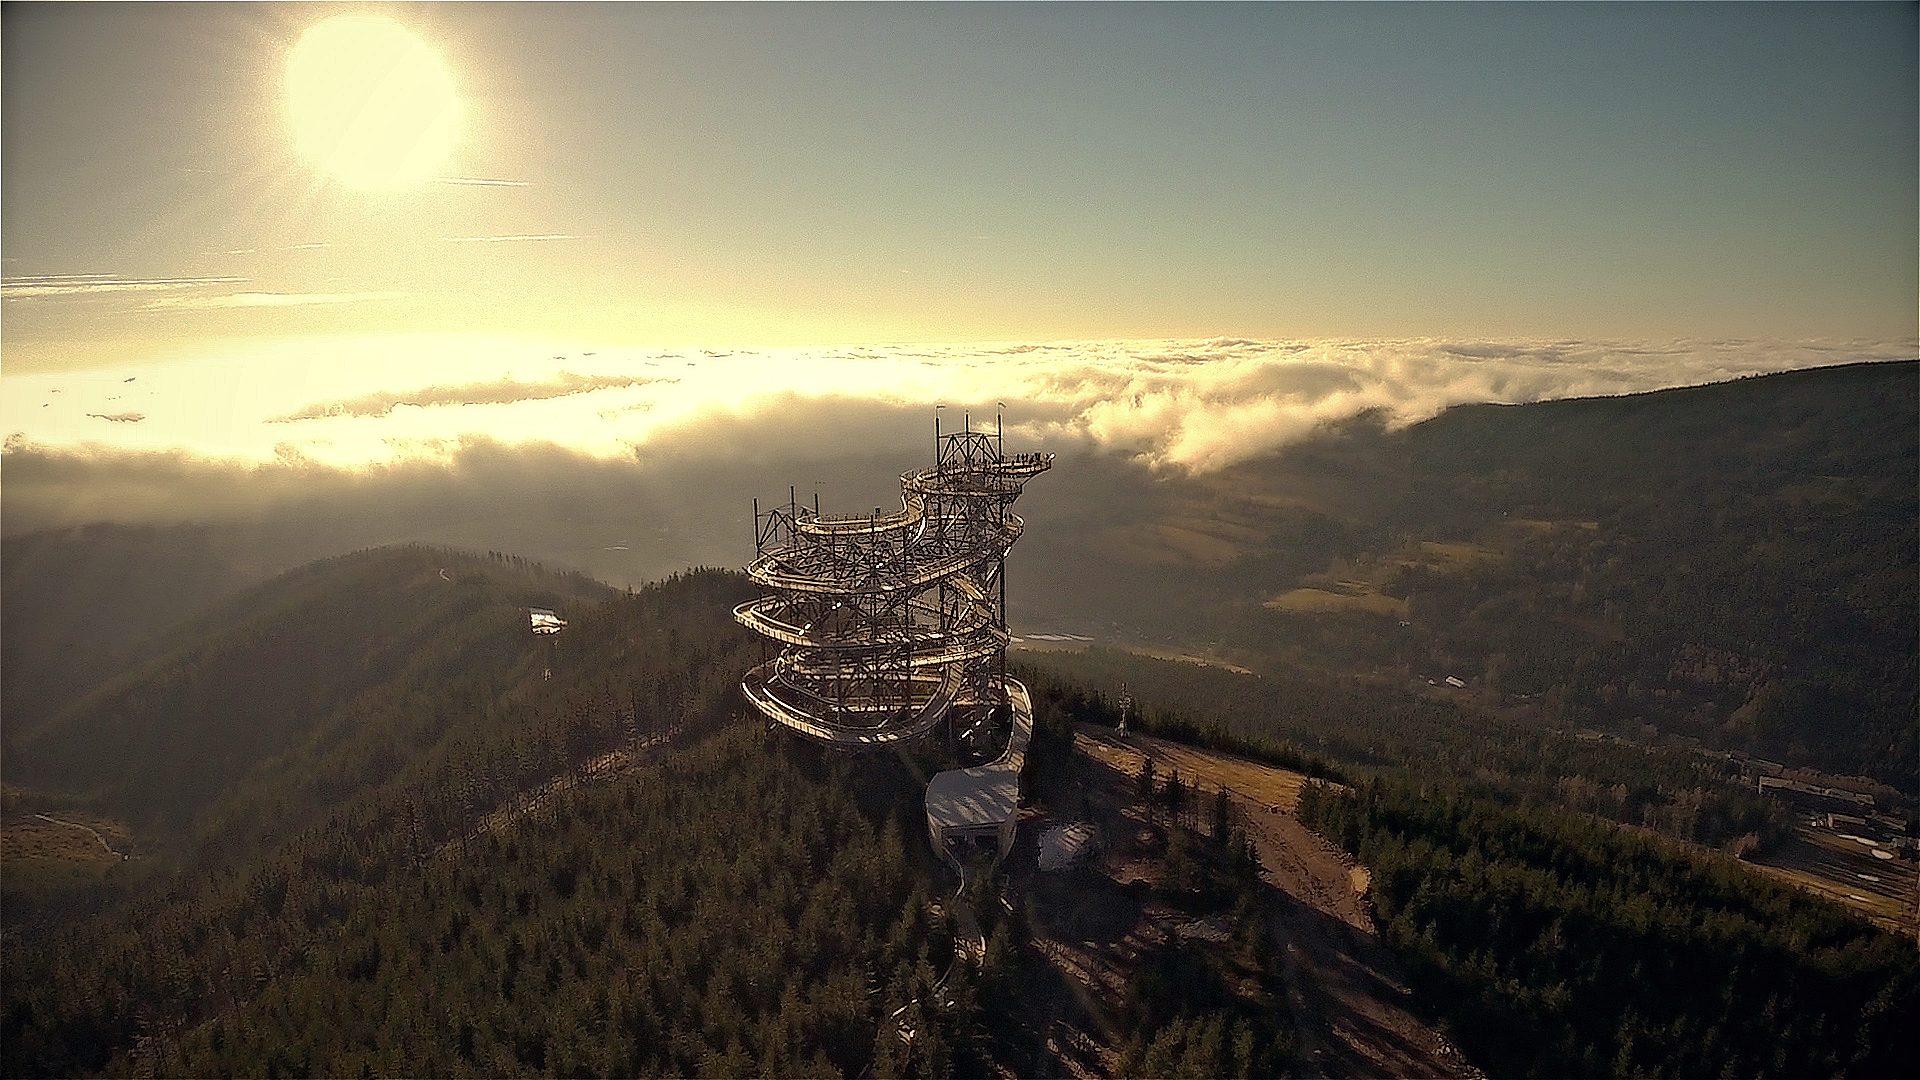 Procházku mlhou i oblaky nabízí nová stezka na Moravě